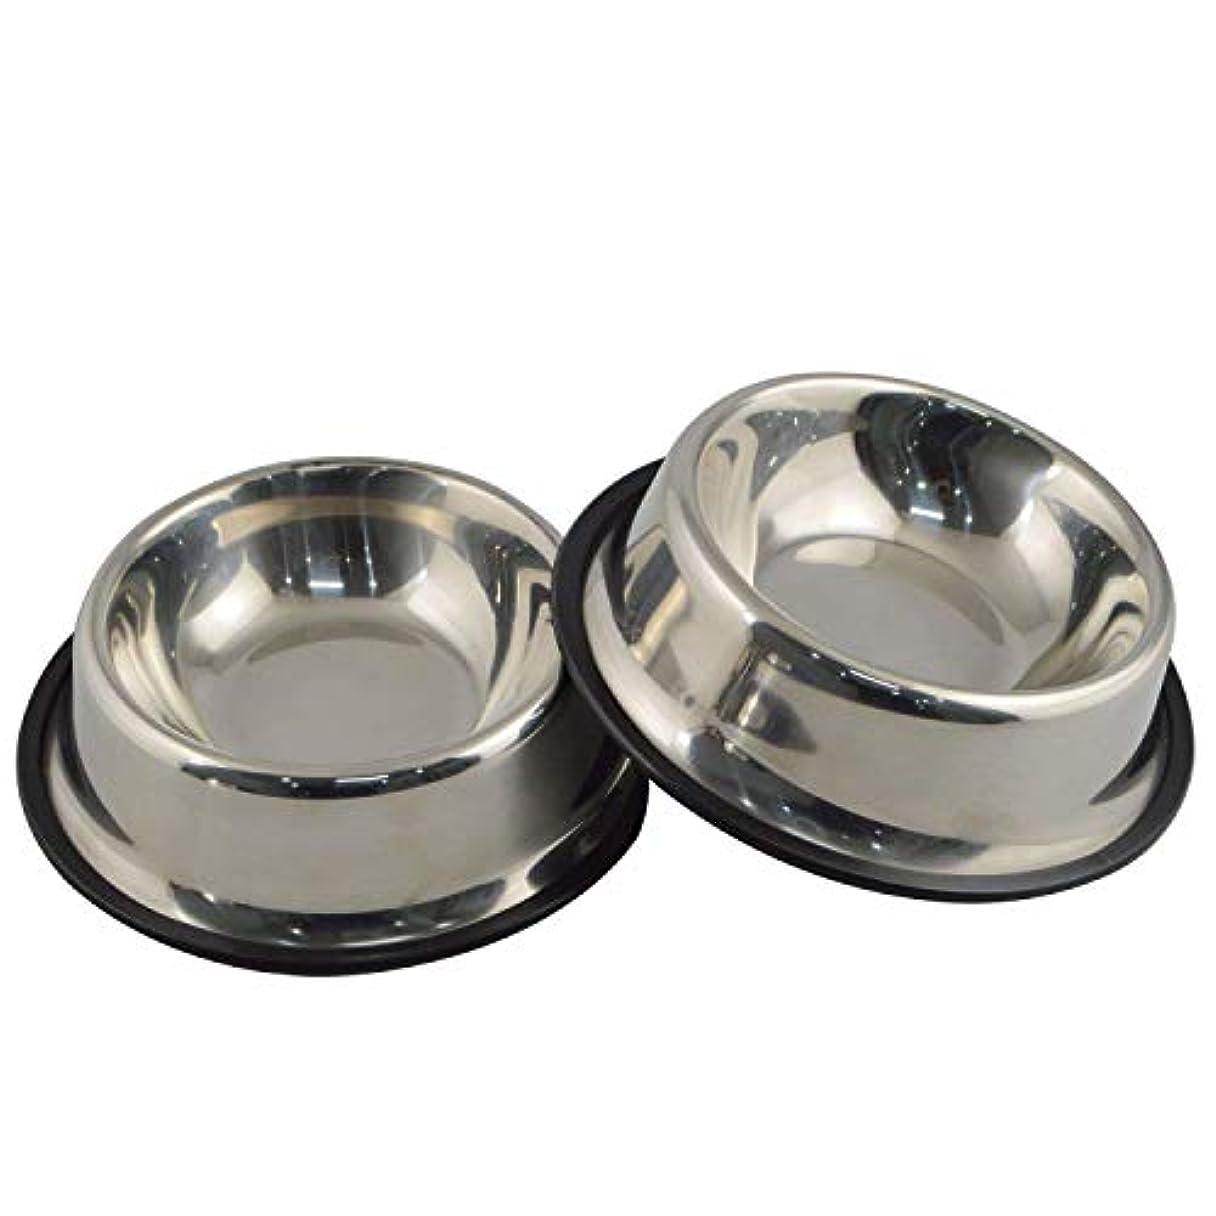 激しい統合フォーム小型/中型/大型犬用ラバーベース付きステンレススチールドッグボウル、ペットフィーダボウル、ウォーターボウルパーフェクトチョイス(2本セット) (S (15cm))